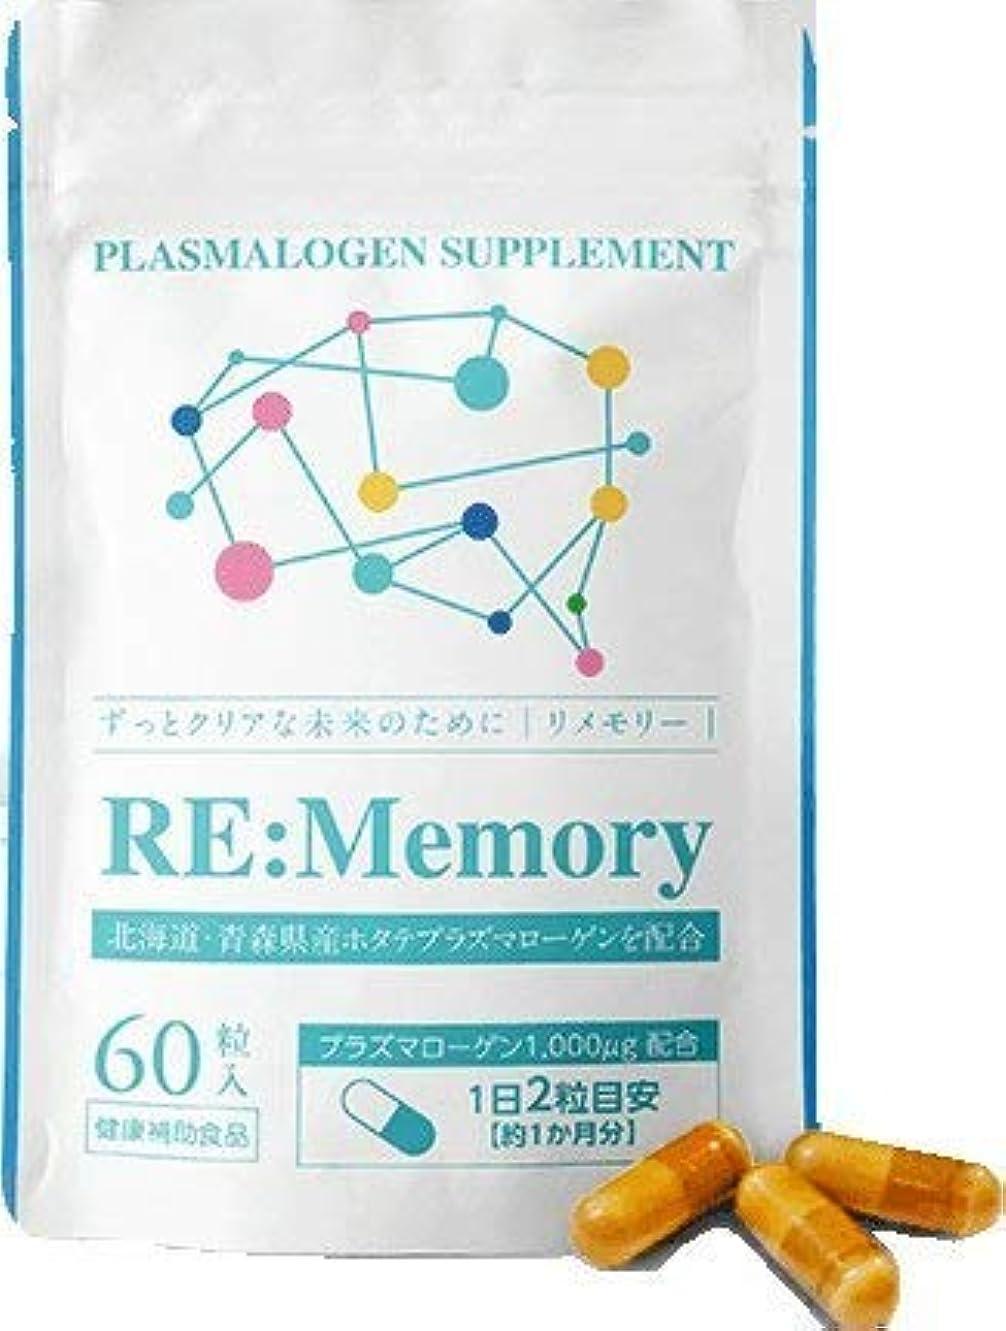 古代いたずらな遠征リメモリー プラズマローゲン 自然良品 サプリ 国産ホタテ由来 DHA EPA フェルラ酸 60粒 30日分